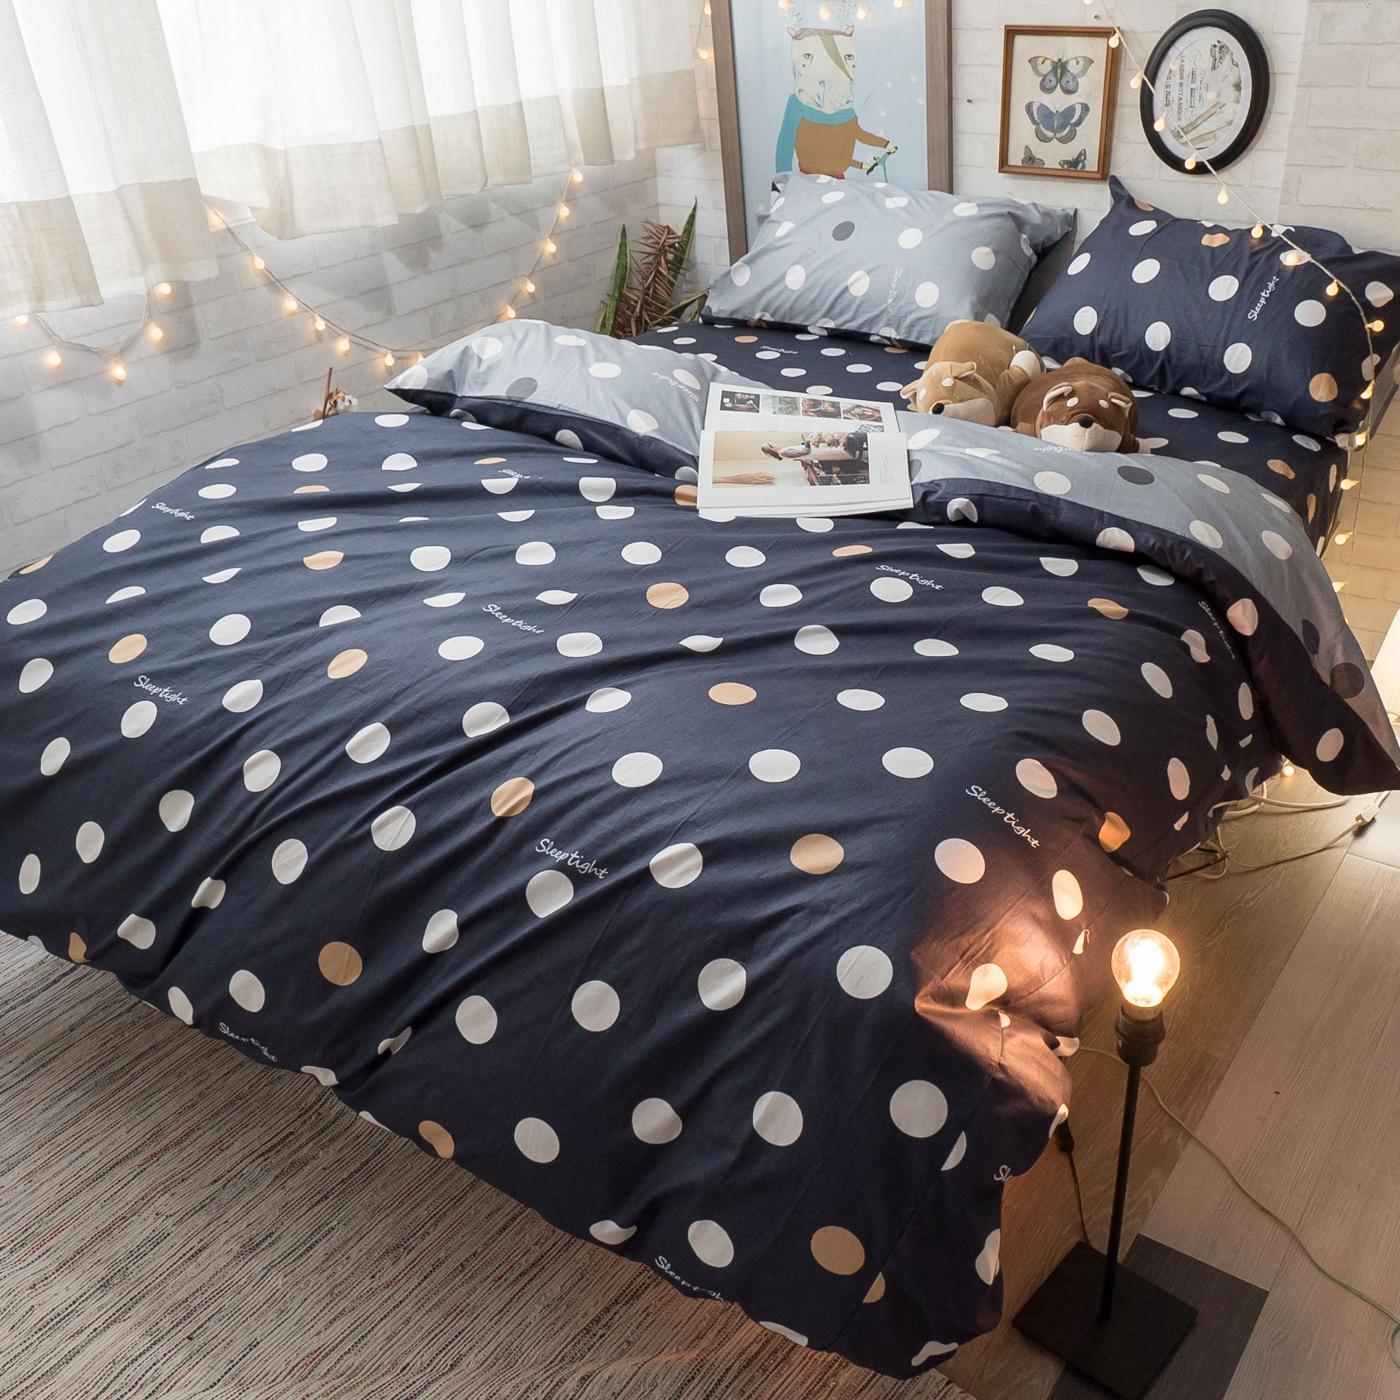 【預購】爵士圓舞曲 D3 雙人床包雙人新式兩用被五件組  100%精梳棉  台灣製